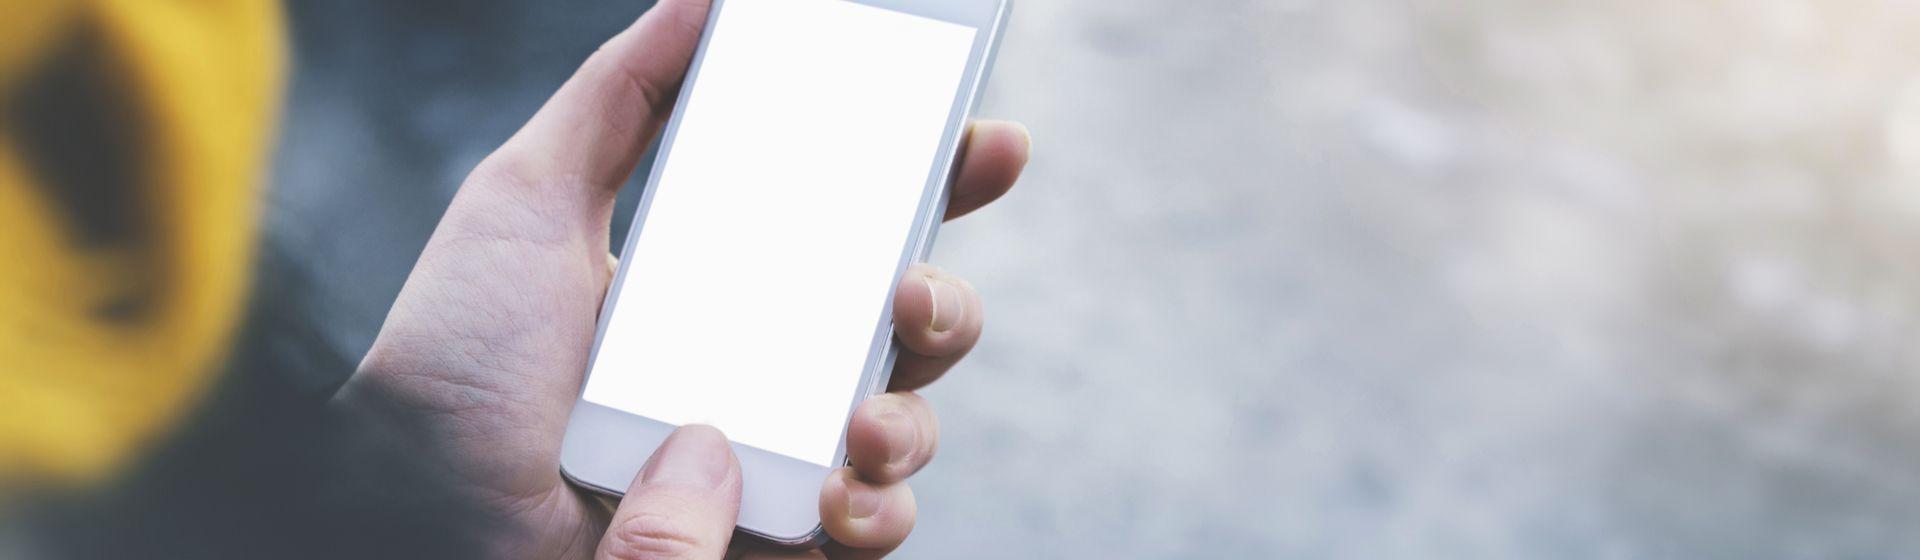 Celular travando: o que pode estar acontecendo com seu smartphone e como resolver?